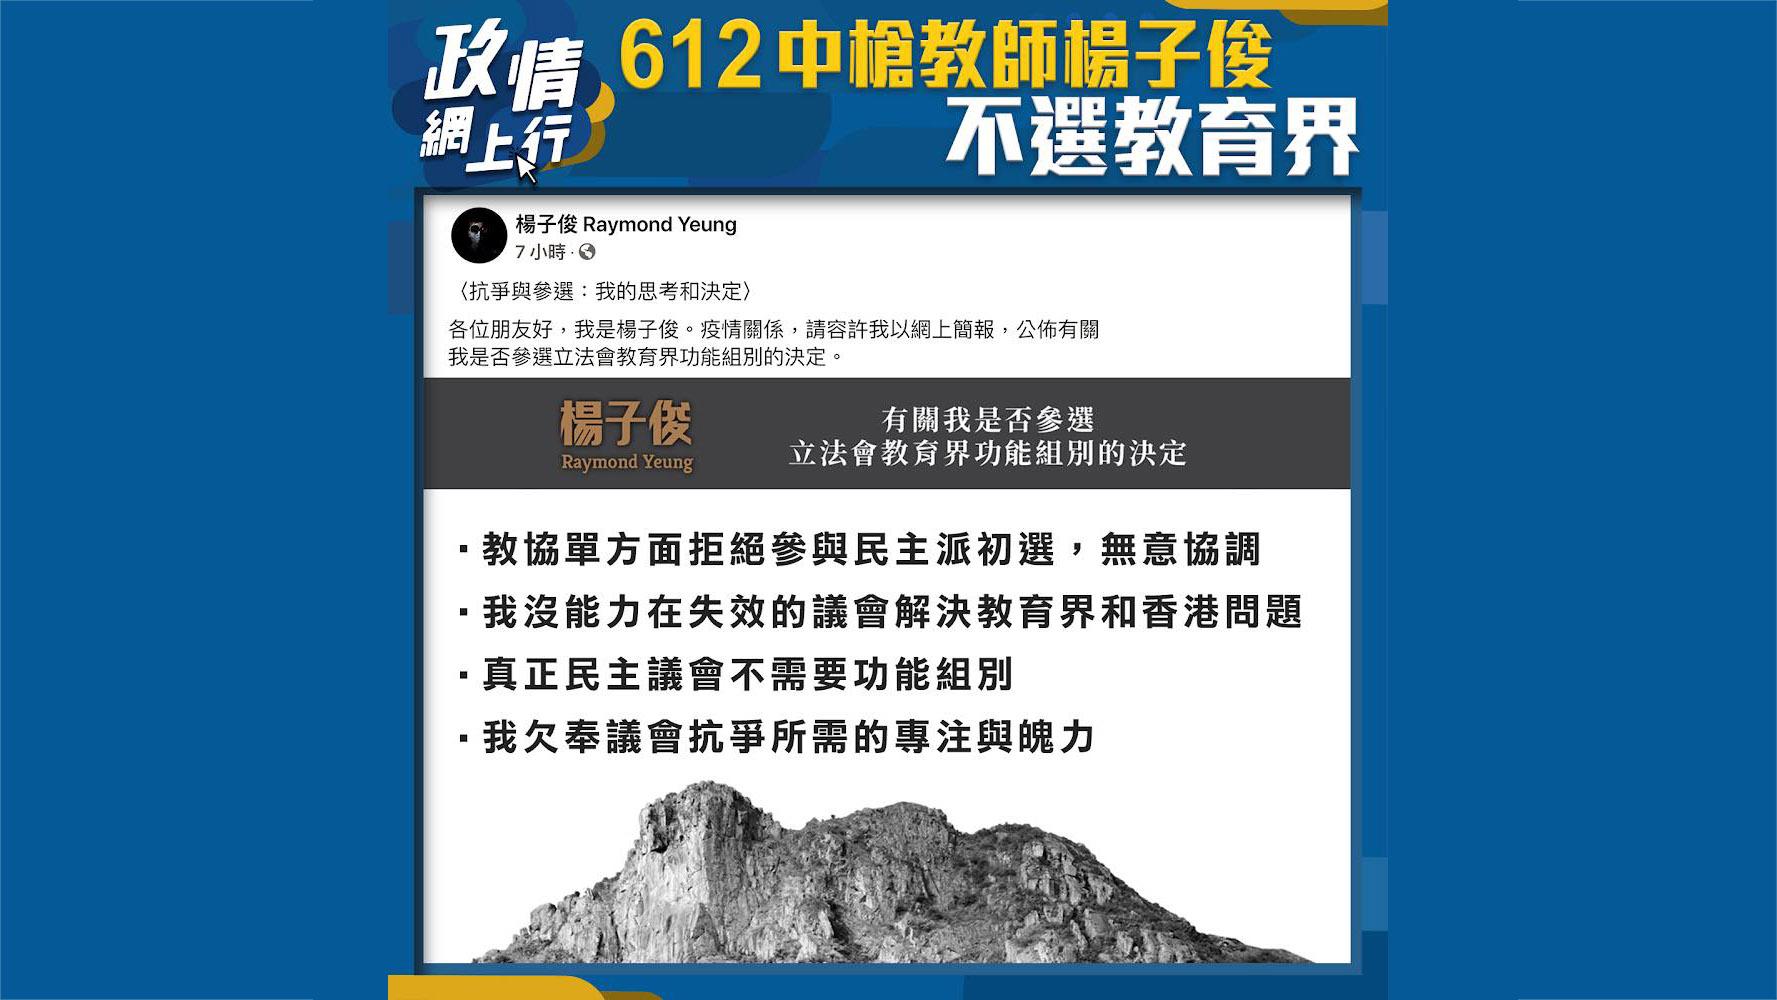 【政情網上行】612中槍教師楊子俊不選教育界